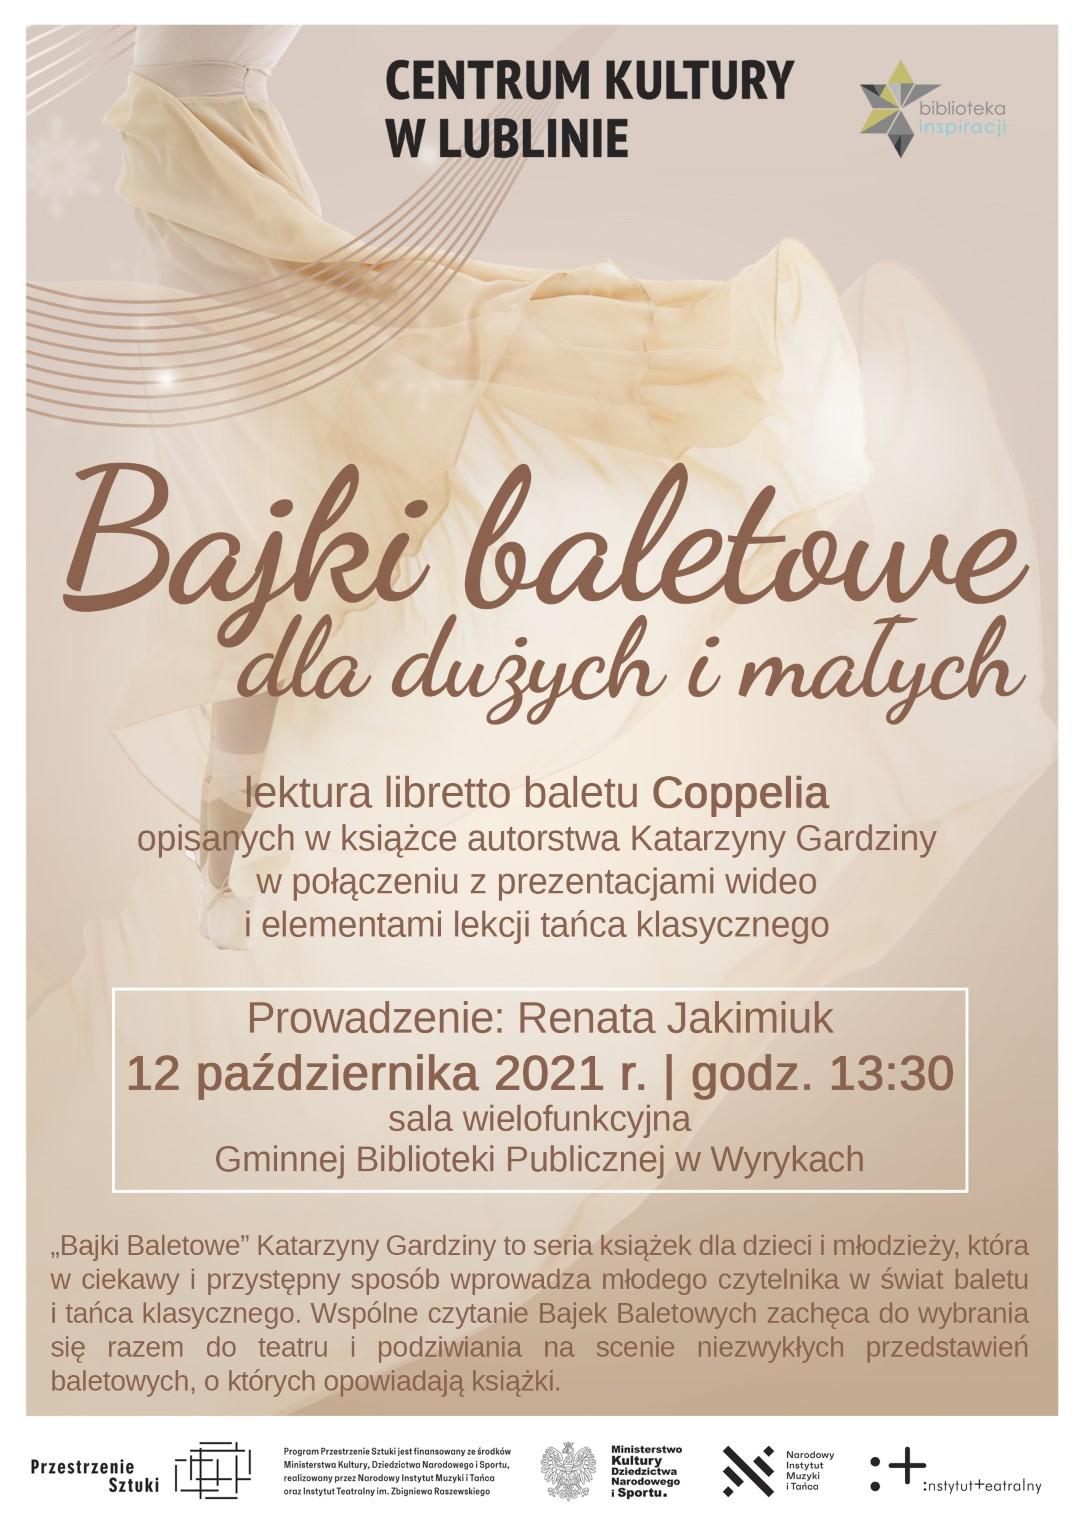 """Grafika zawiera tekst: """"Bajki baletowe dla dużych i małych"""", poniżej """"lektura libretto baletu Coppelia opisanych w książce autorstwa Katarzyny Gardziny w połączeniu z prezentacjami wideo i elementami lekcji tańca klasycznego"""". Prowadzenie: Renata Jakimiuk, 12 października 2021 r. o godz. 13:30 w sali wielofunkcyjnej Gminnej Biblioteki Publicznej w Wyrykach."""